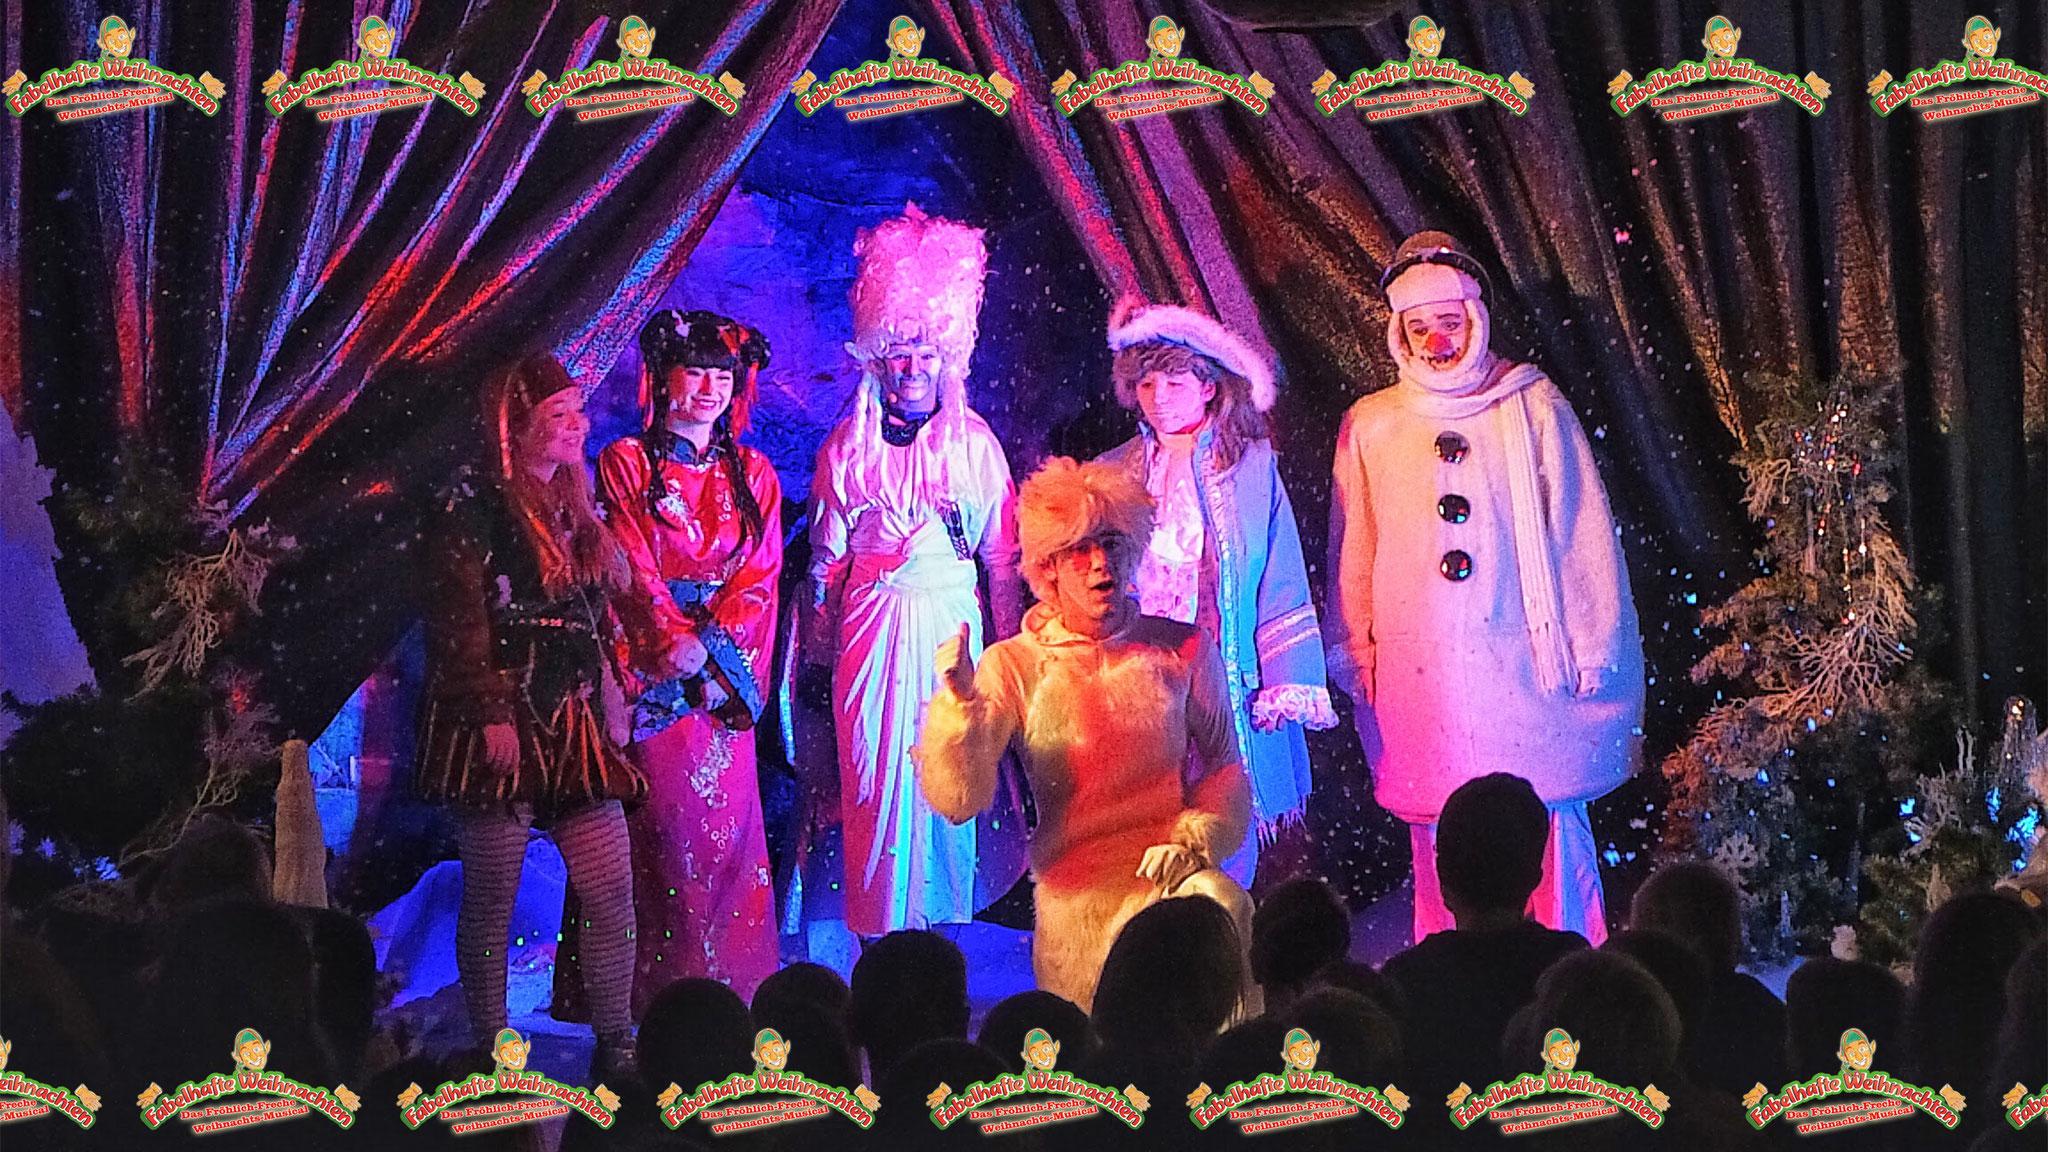 Gruppenfotos in der Kulisse, nach der Vorstellung, mit den Akteuren.